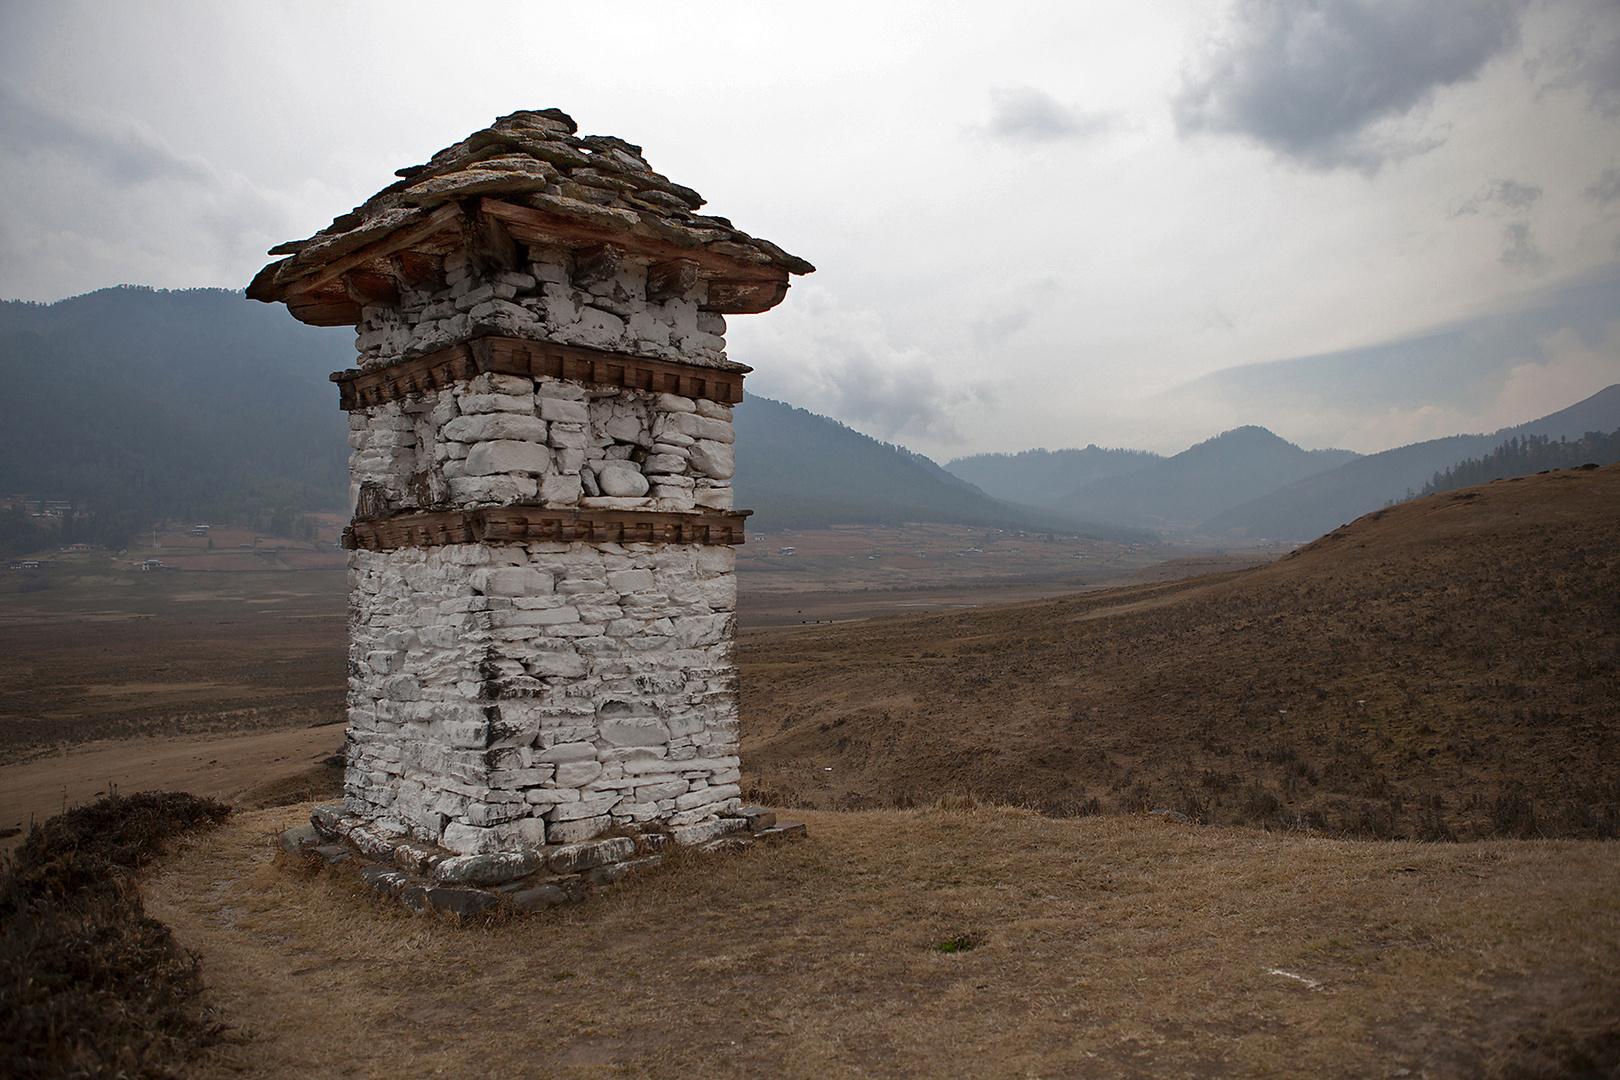 Es gibt eine Architektur, die zur Landschaft gehört, und eine andere, die sie zerstört. © Reinhard